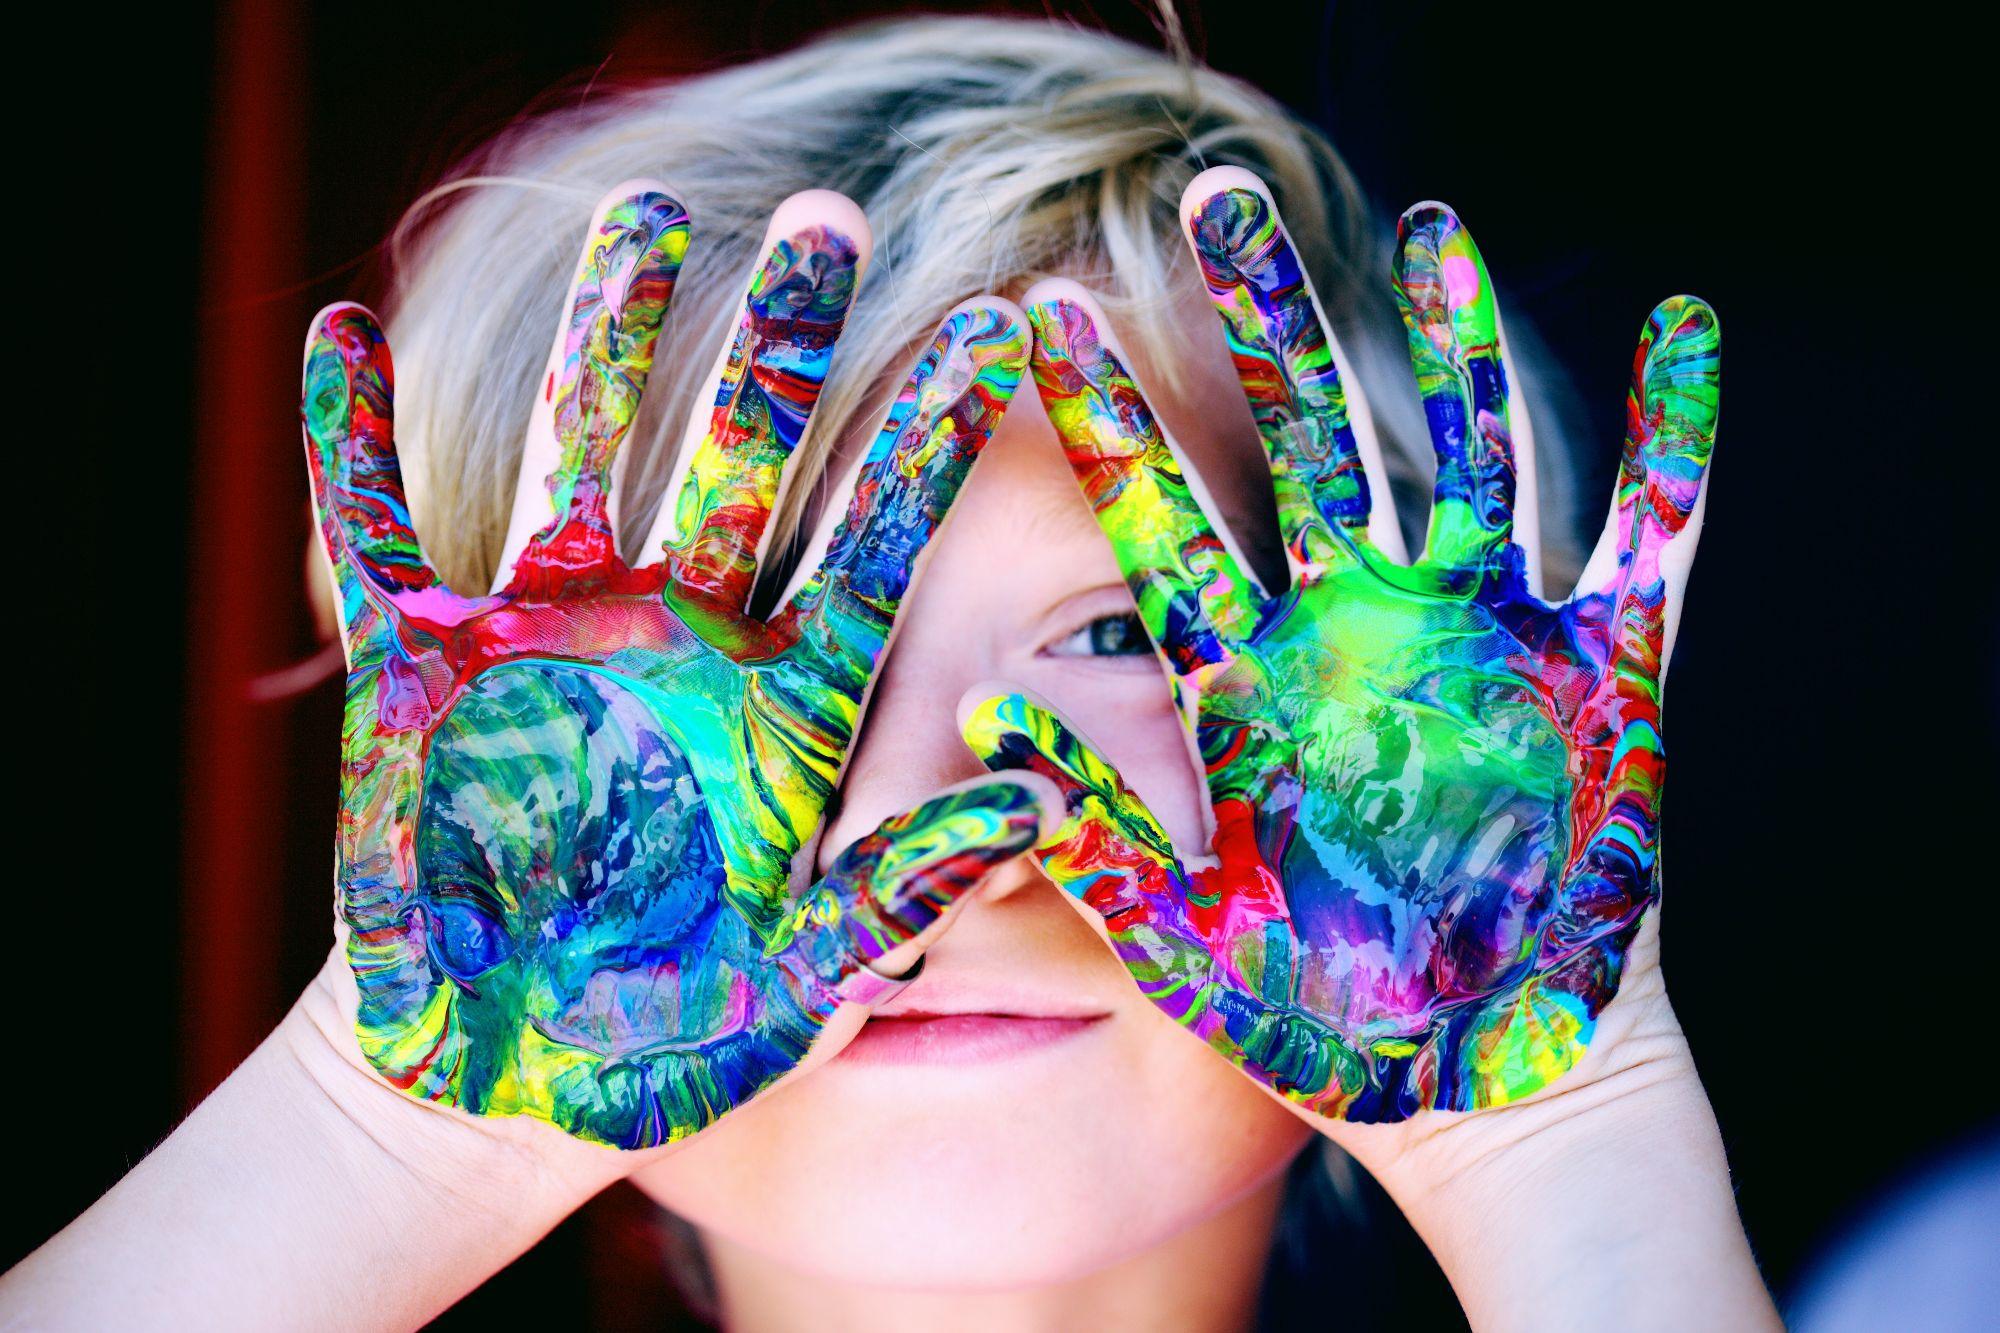 Een jongetje toont zijn met verf bekladde handen